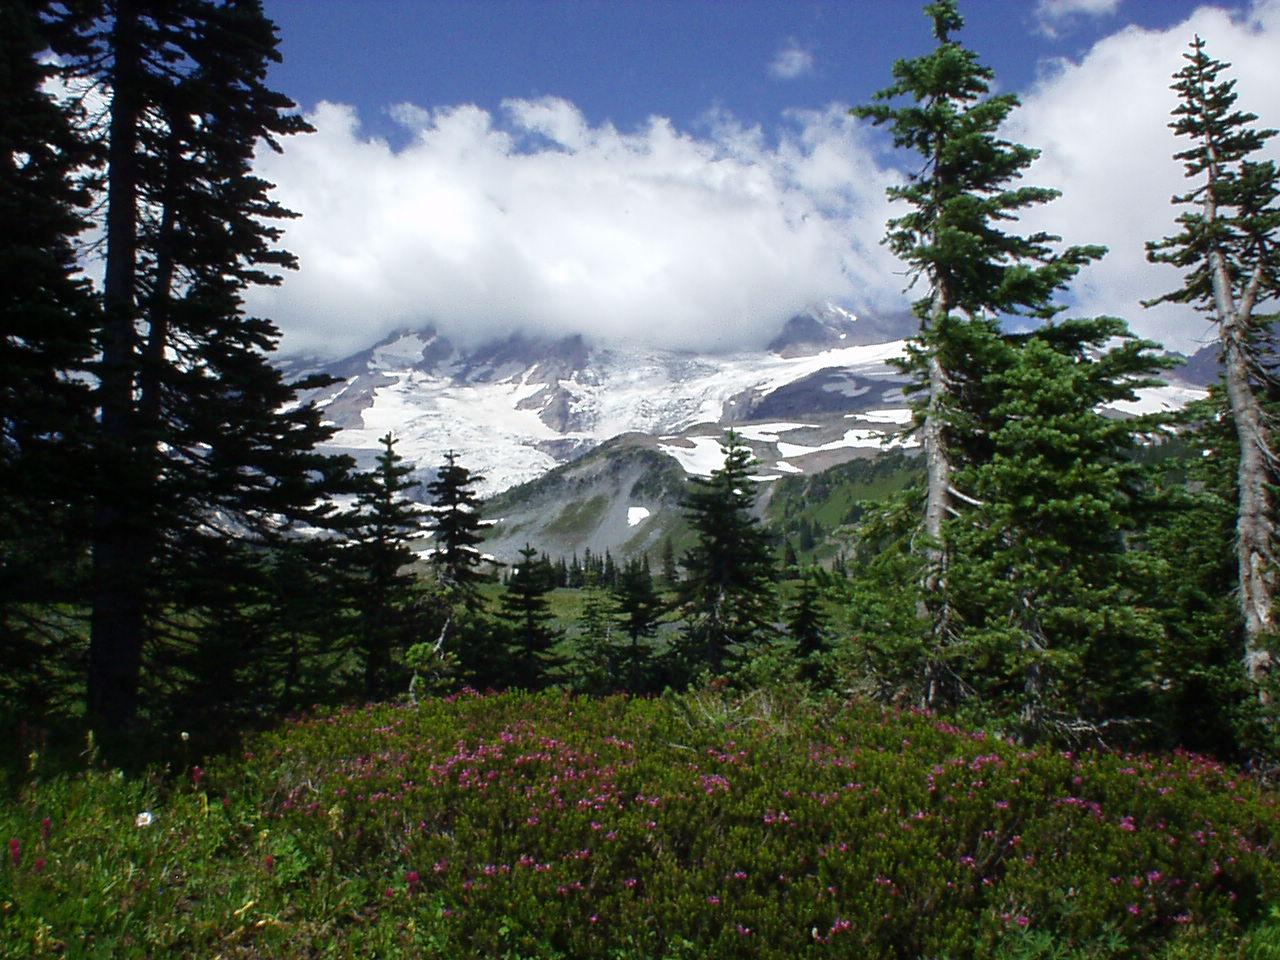 A hike at Mt. Rainier